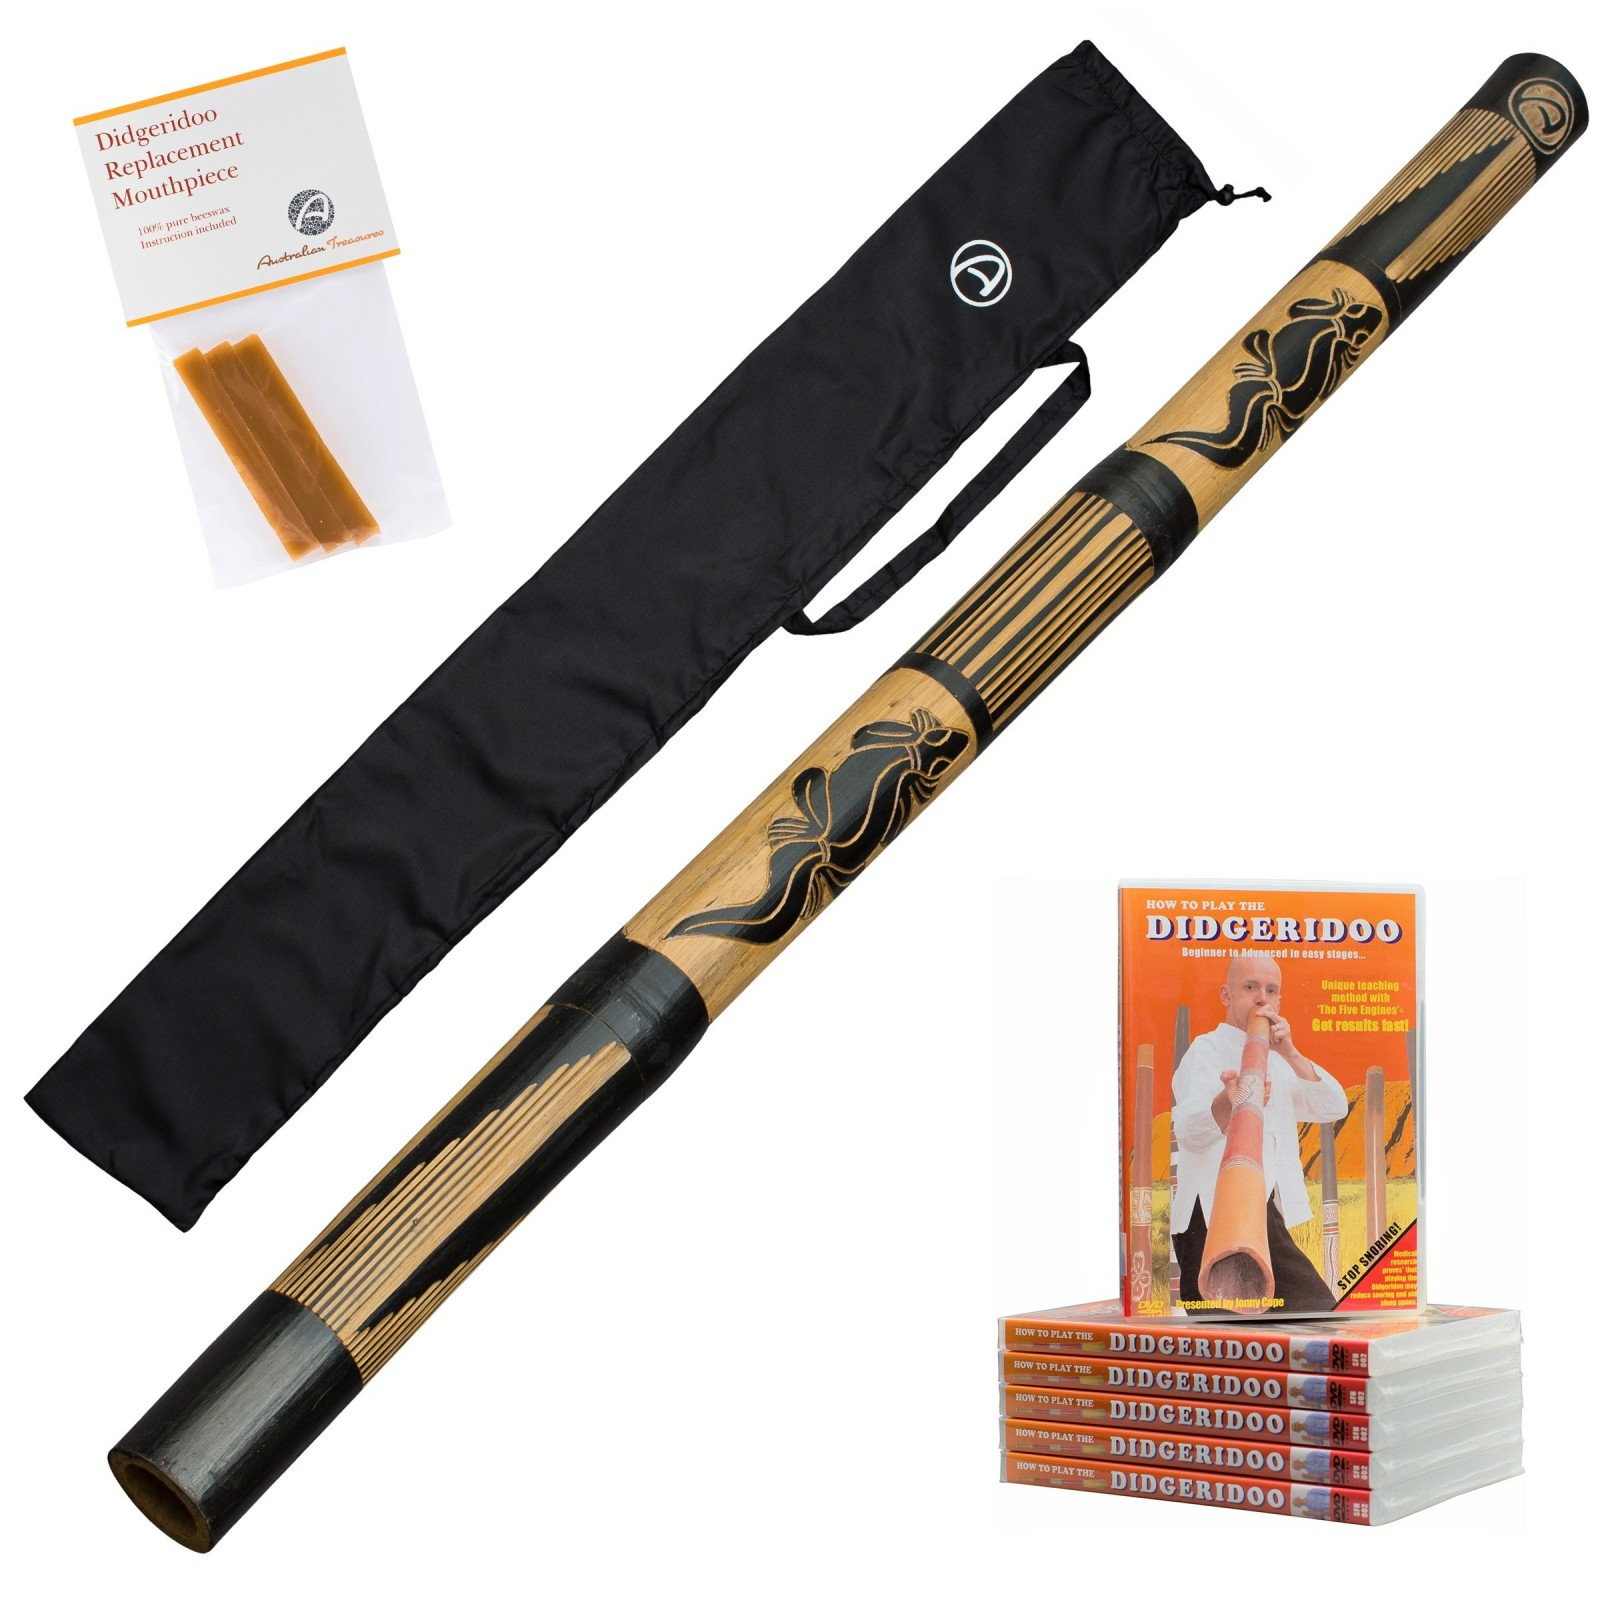 Didgeridoo 120cm - bambou - didgeridoo pour débutants - sac - cire d'abeille et DVD pour jouer le didgeridoo